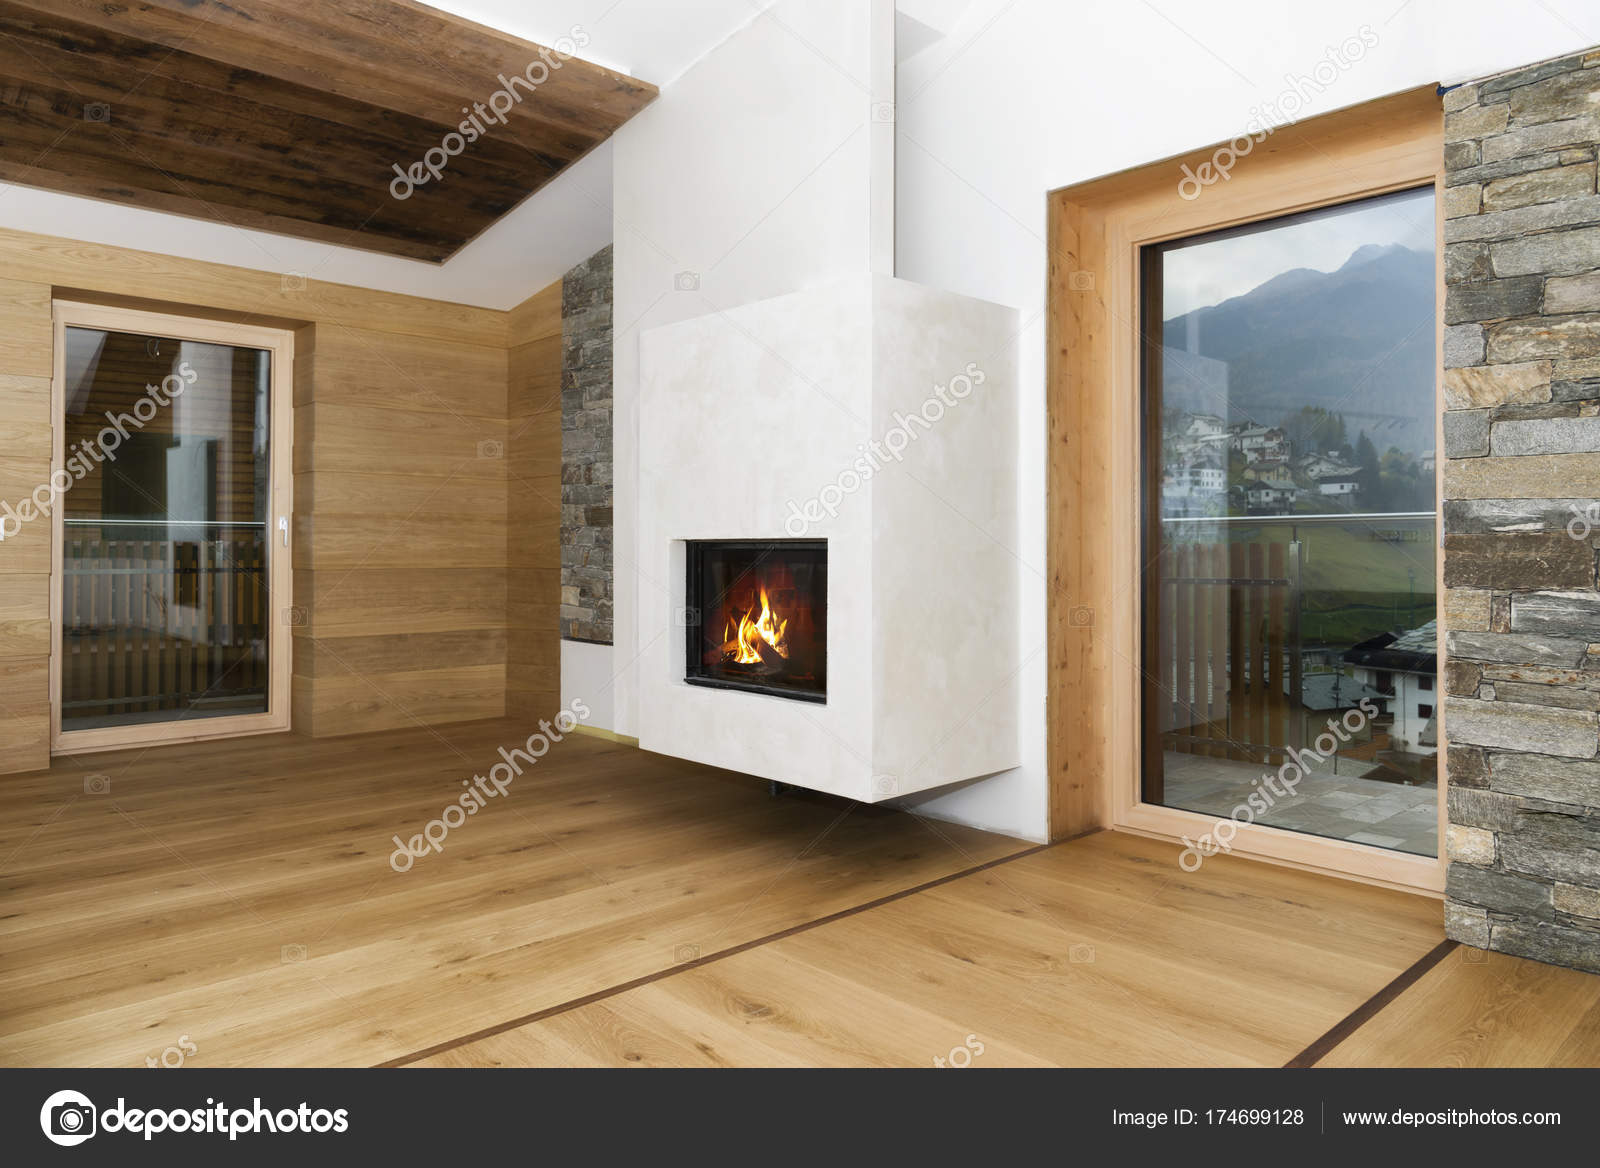 Openhaard In Woonkamer : Nieuwe lege woonkamer interieur met openhaard en hardhout